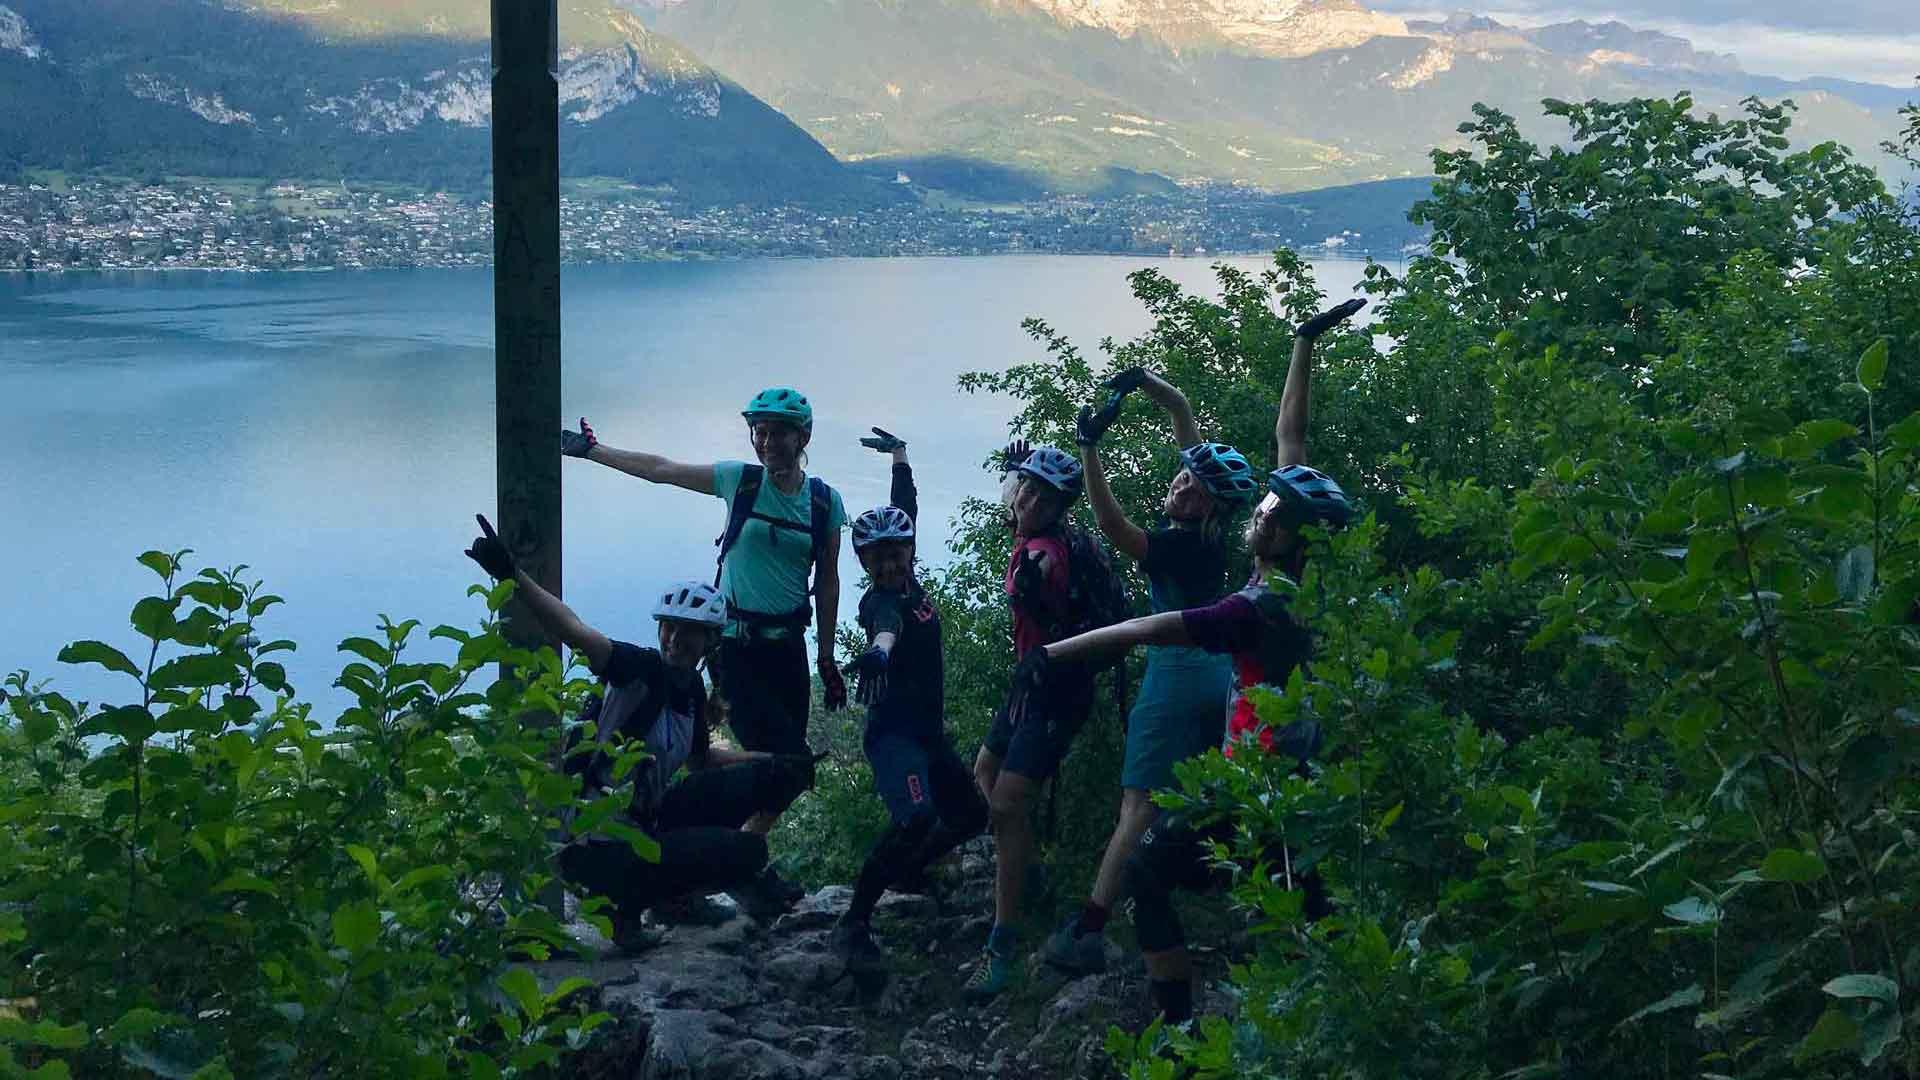 img-8-bikettes-team-club-vtt-velo-girl-fille-tous-niveaux